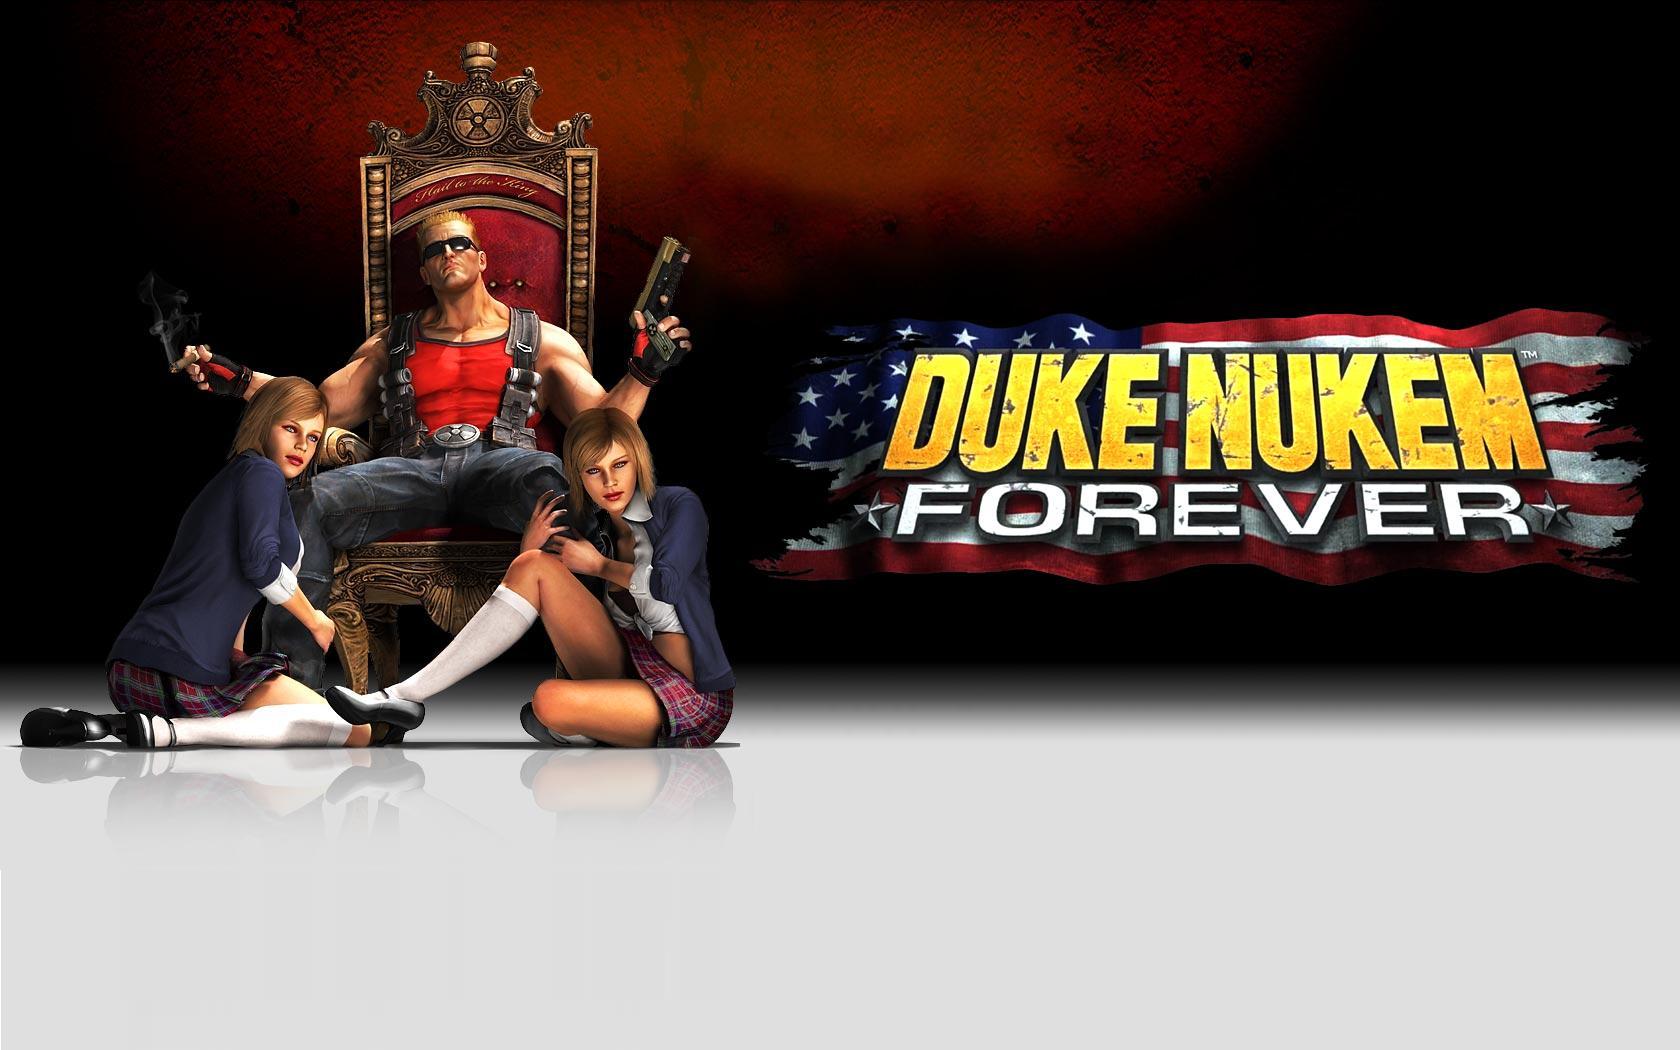 Nuevo Trailer de Duke Nukem Forever, con strippers, acción y gore [Come get some]